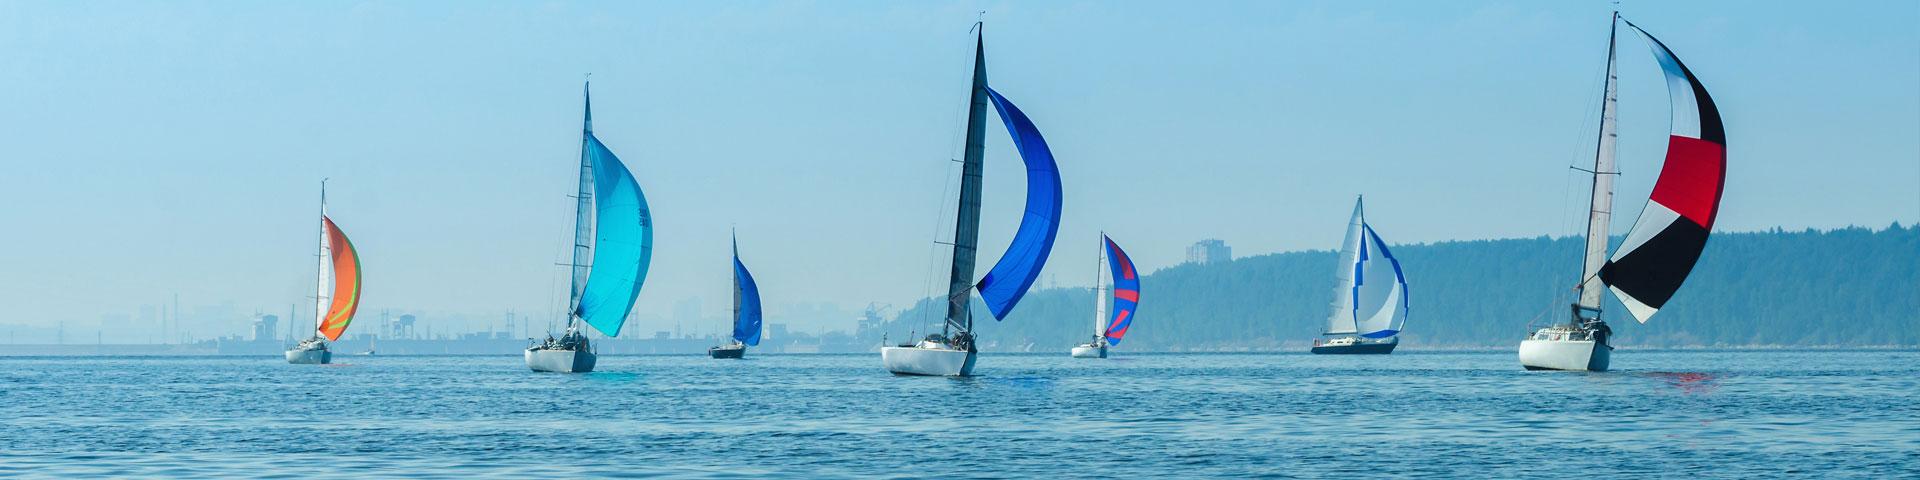 Titelbild Programmorgane - Das Meer mit 7 Segelbooten vor blauem Himmel